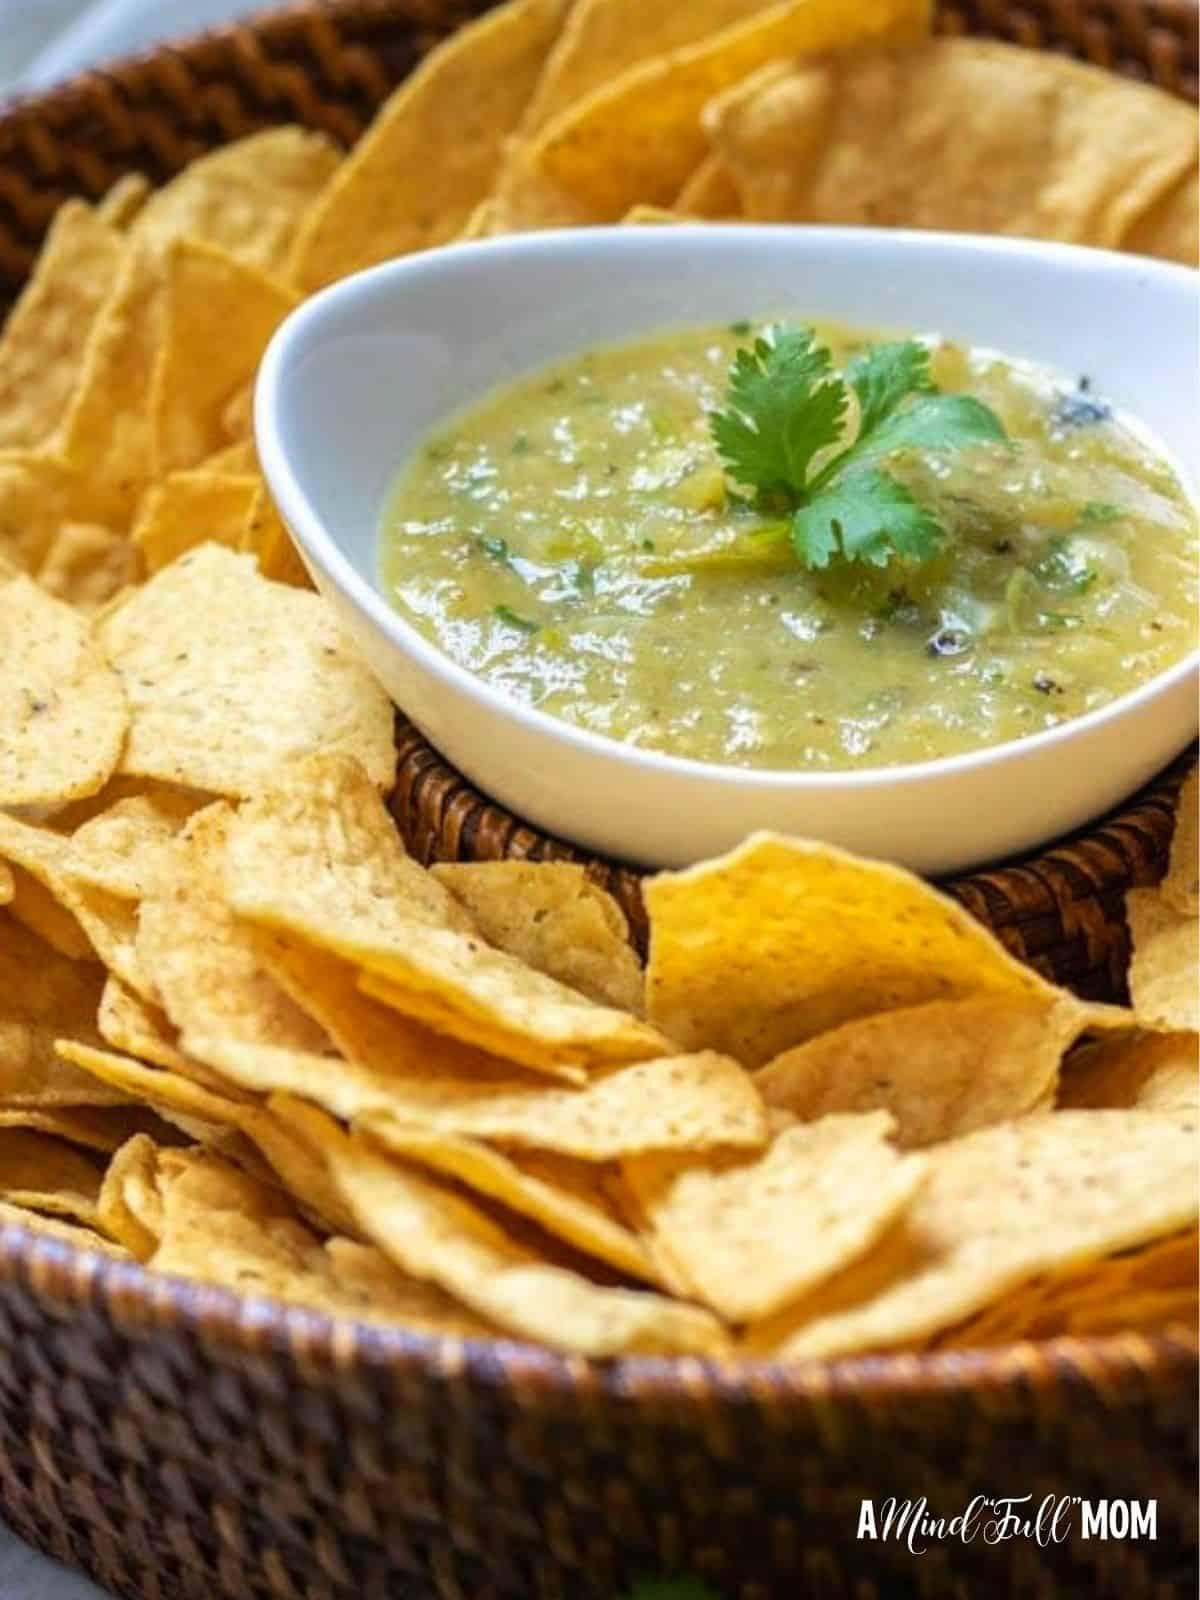 Bowl of homemade salsa verde next to tortilla chips.